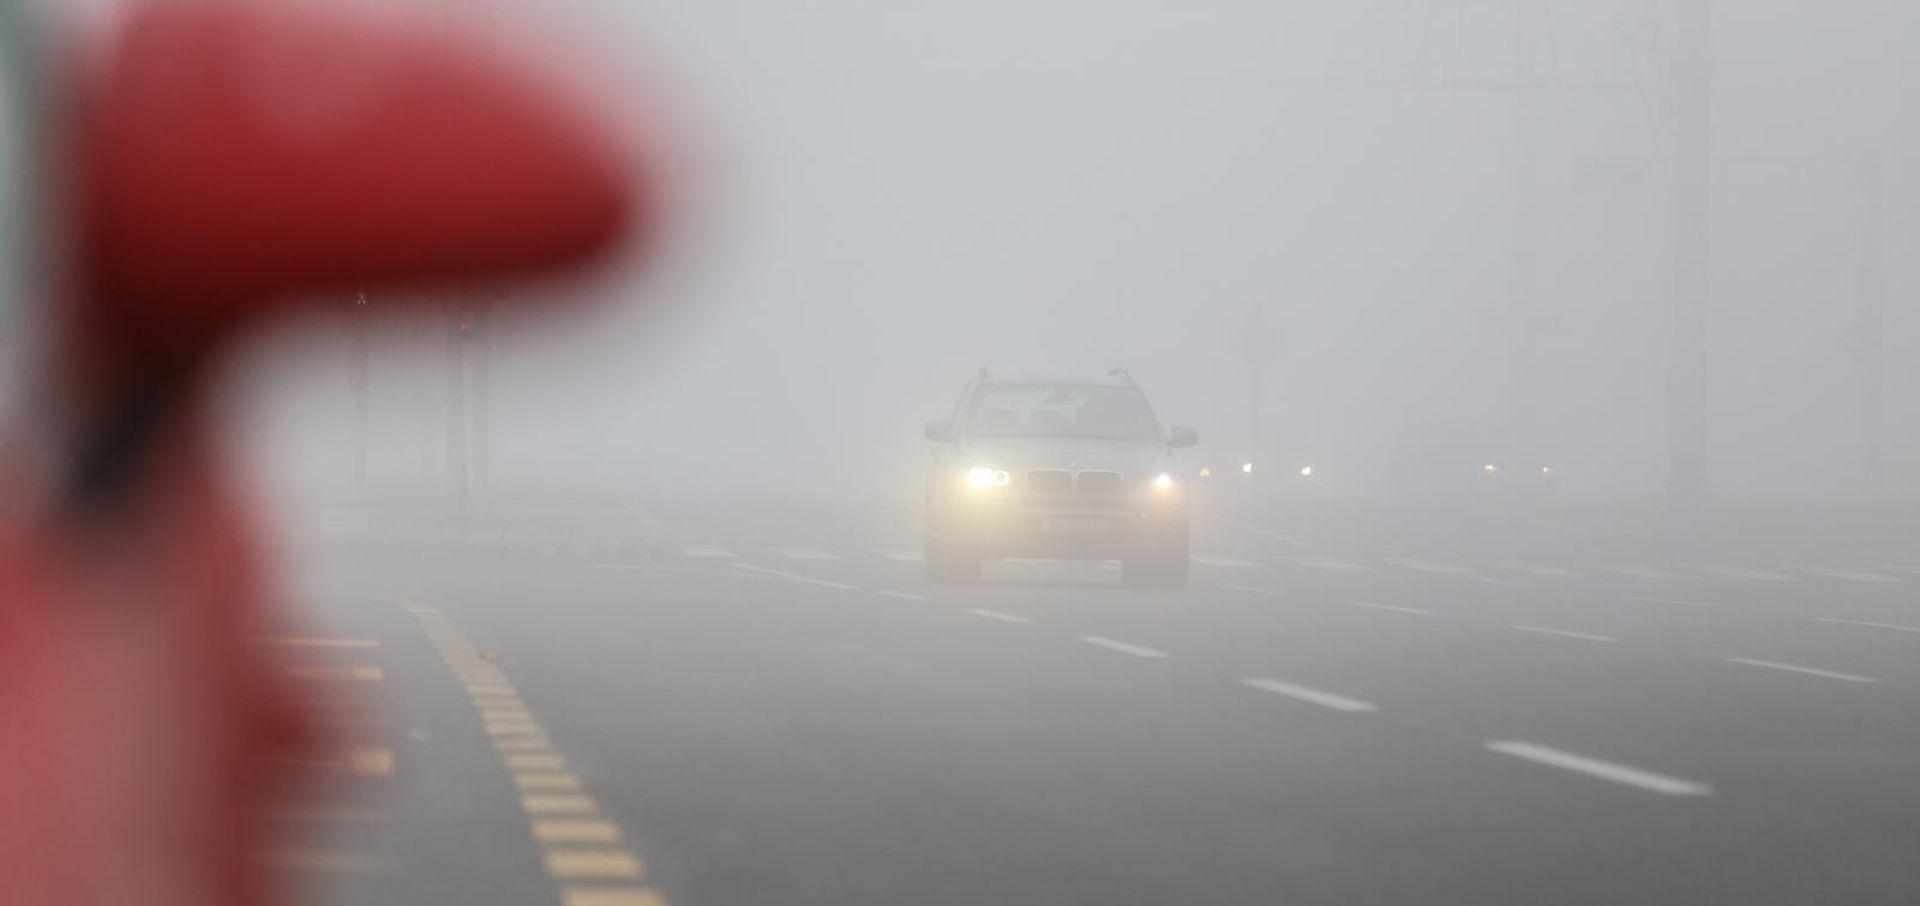 Magla smanjuje vidljivost u unutrašnjosti